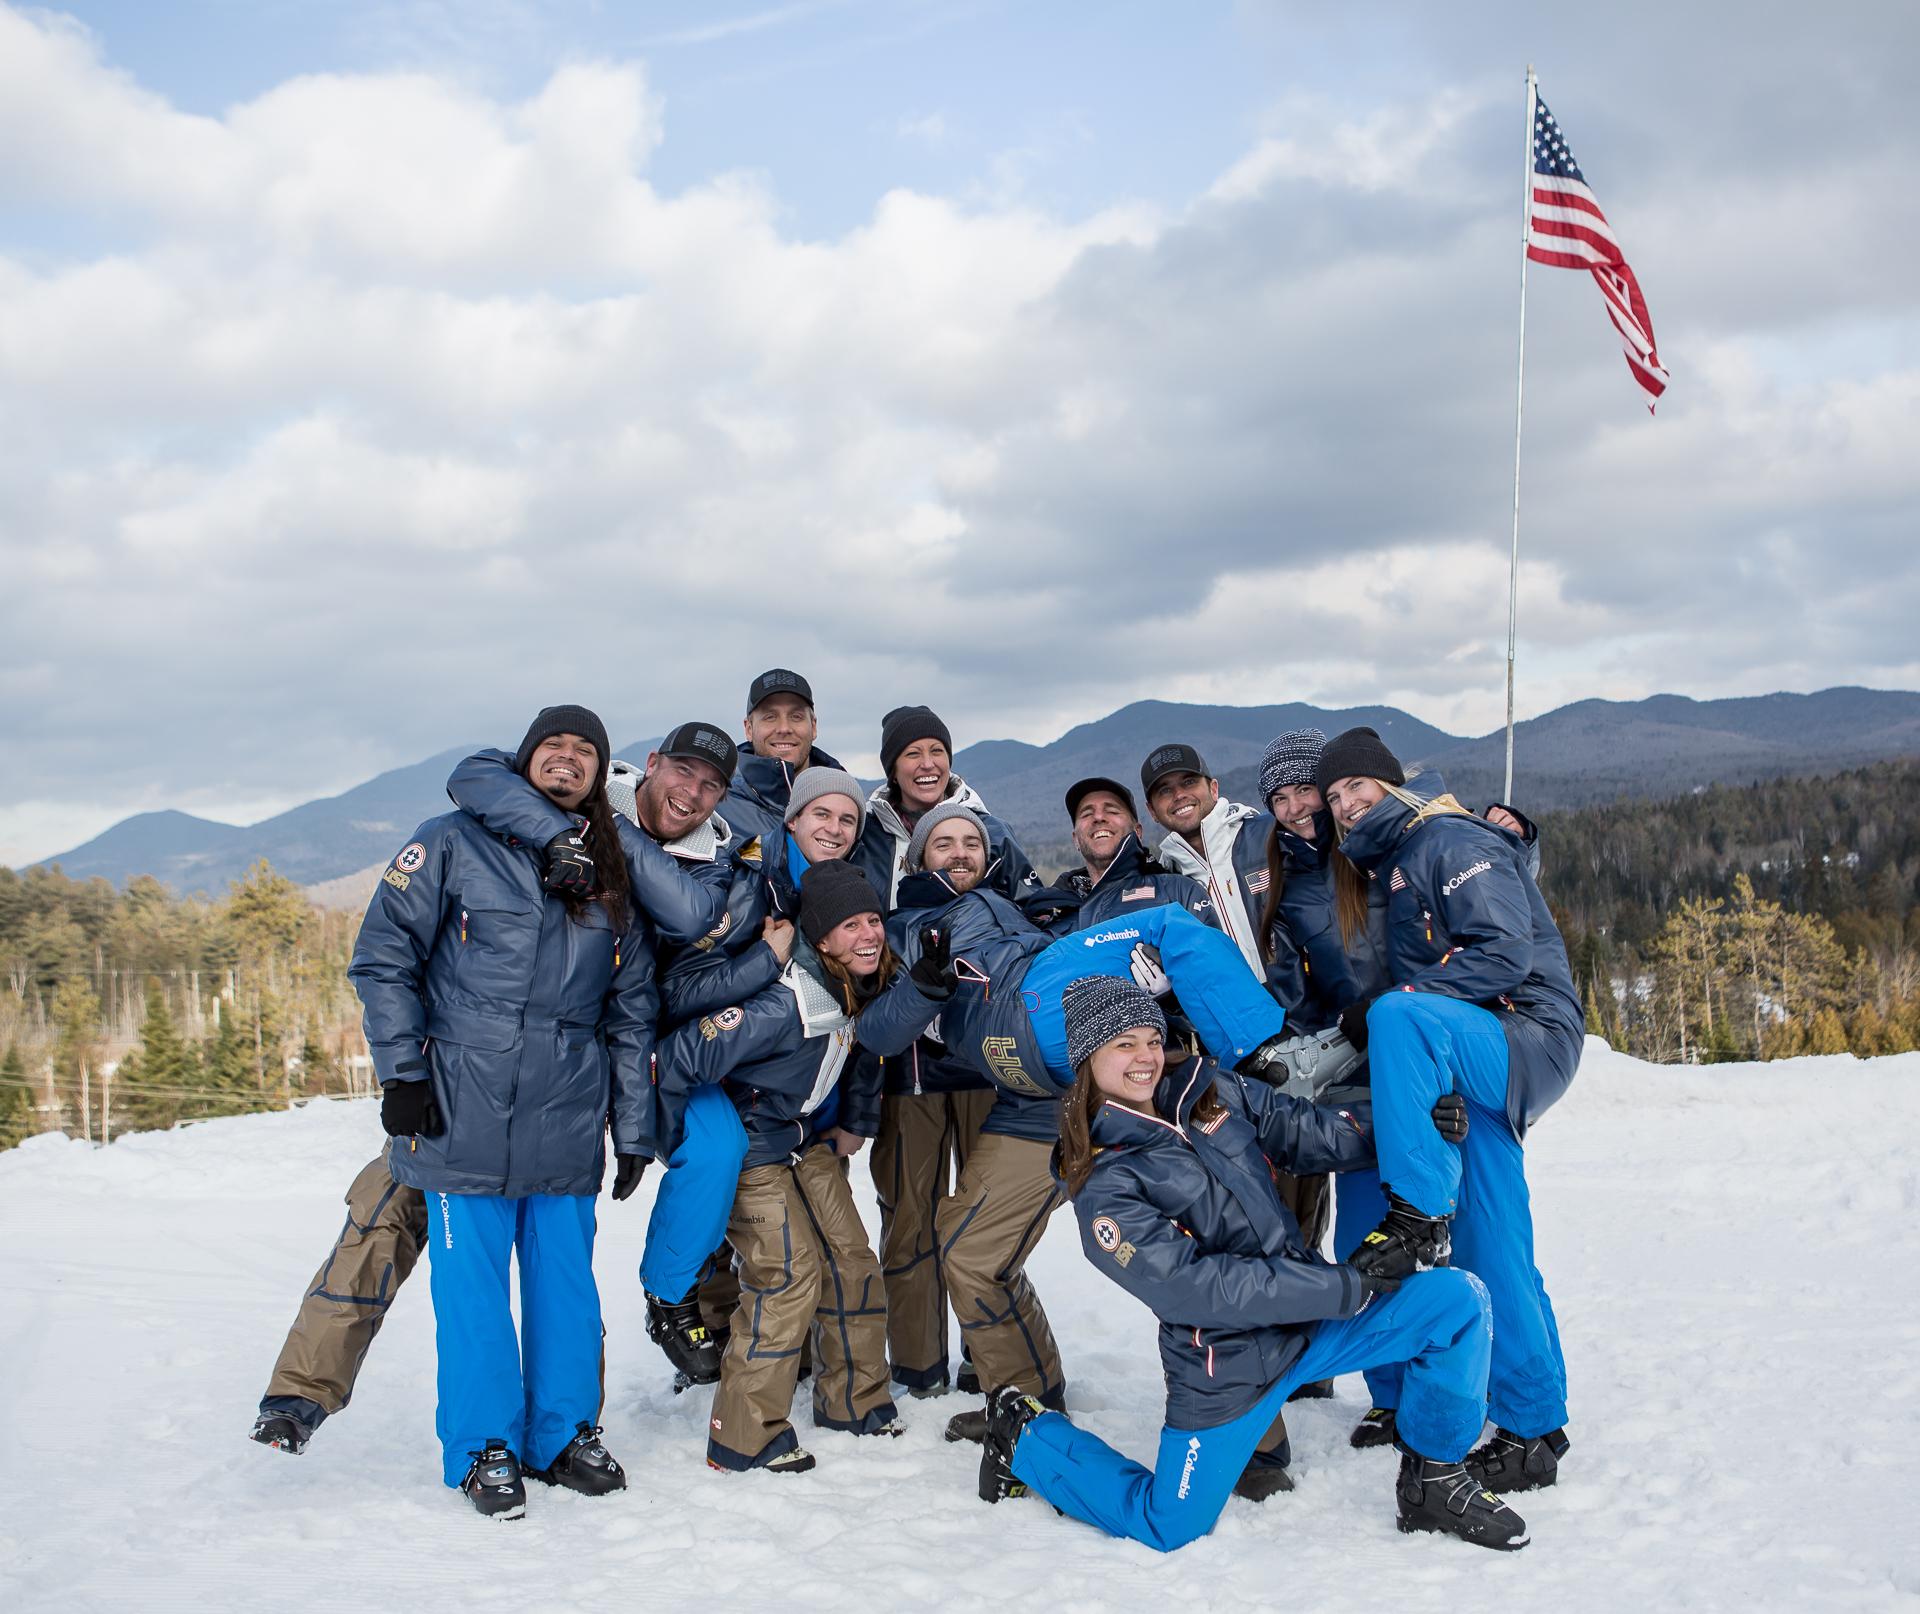 U.S. Aerials Olympic Team